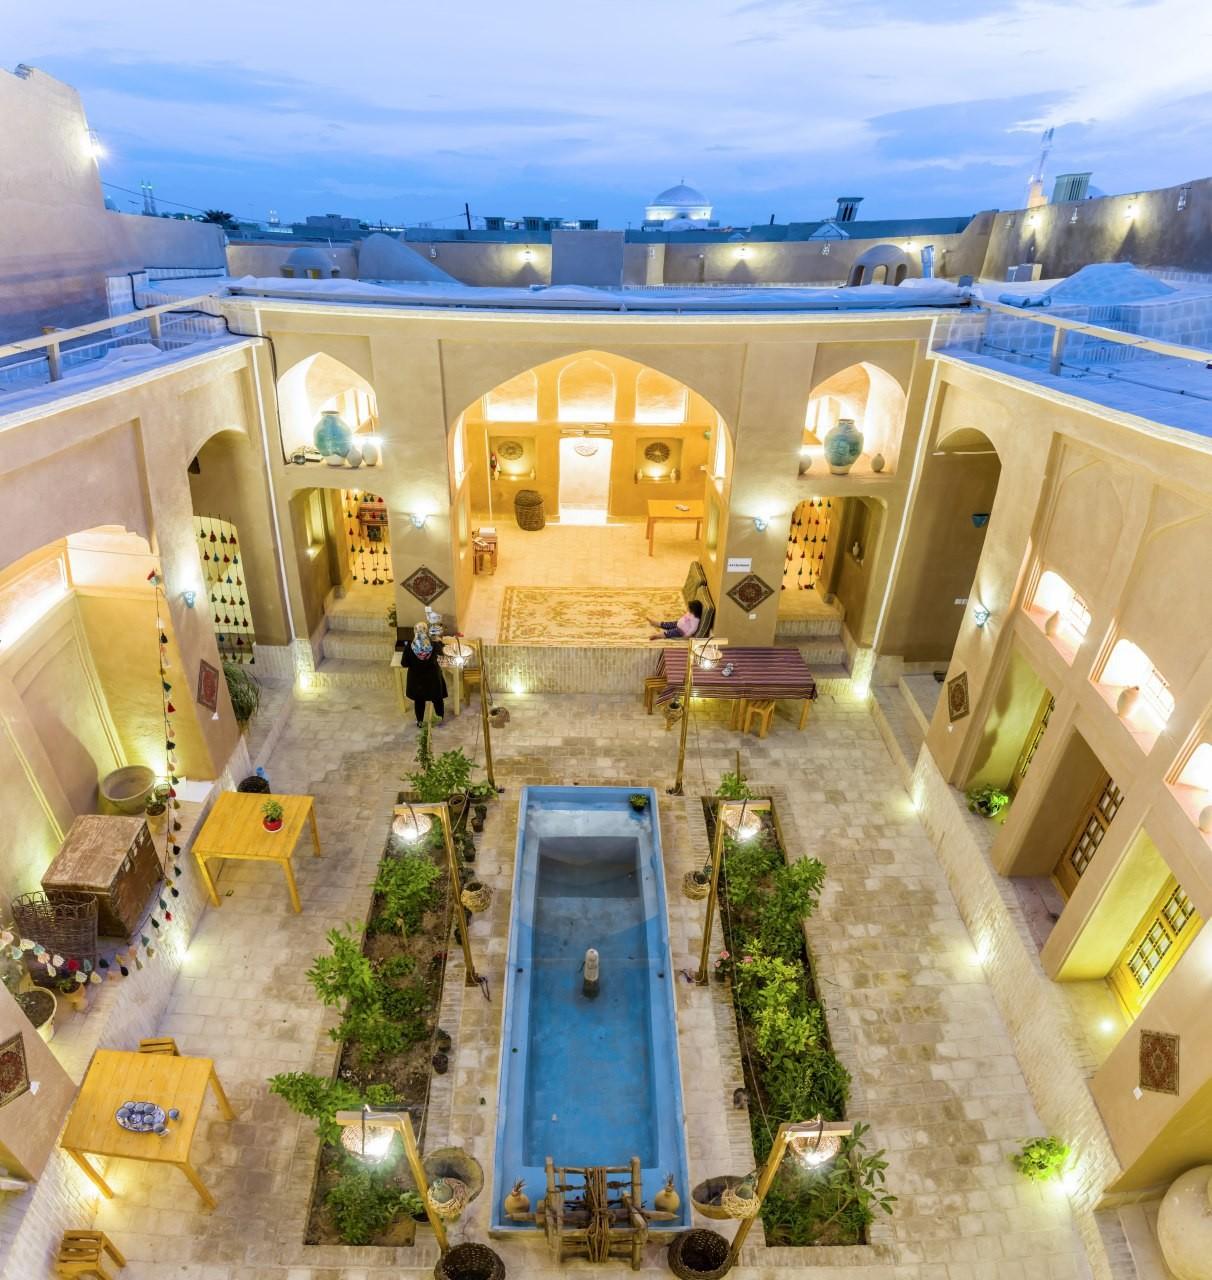 شهری خانه سنتی در شهداد یزد - استراحتگاه حافظ